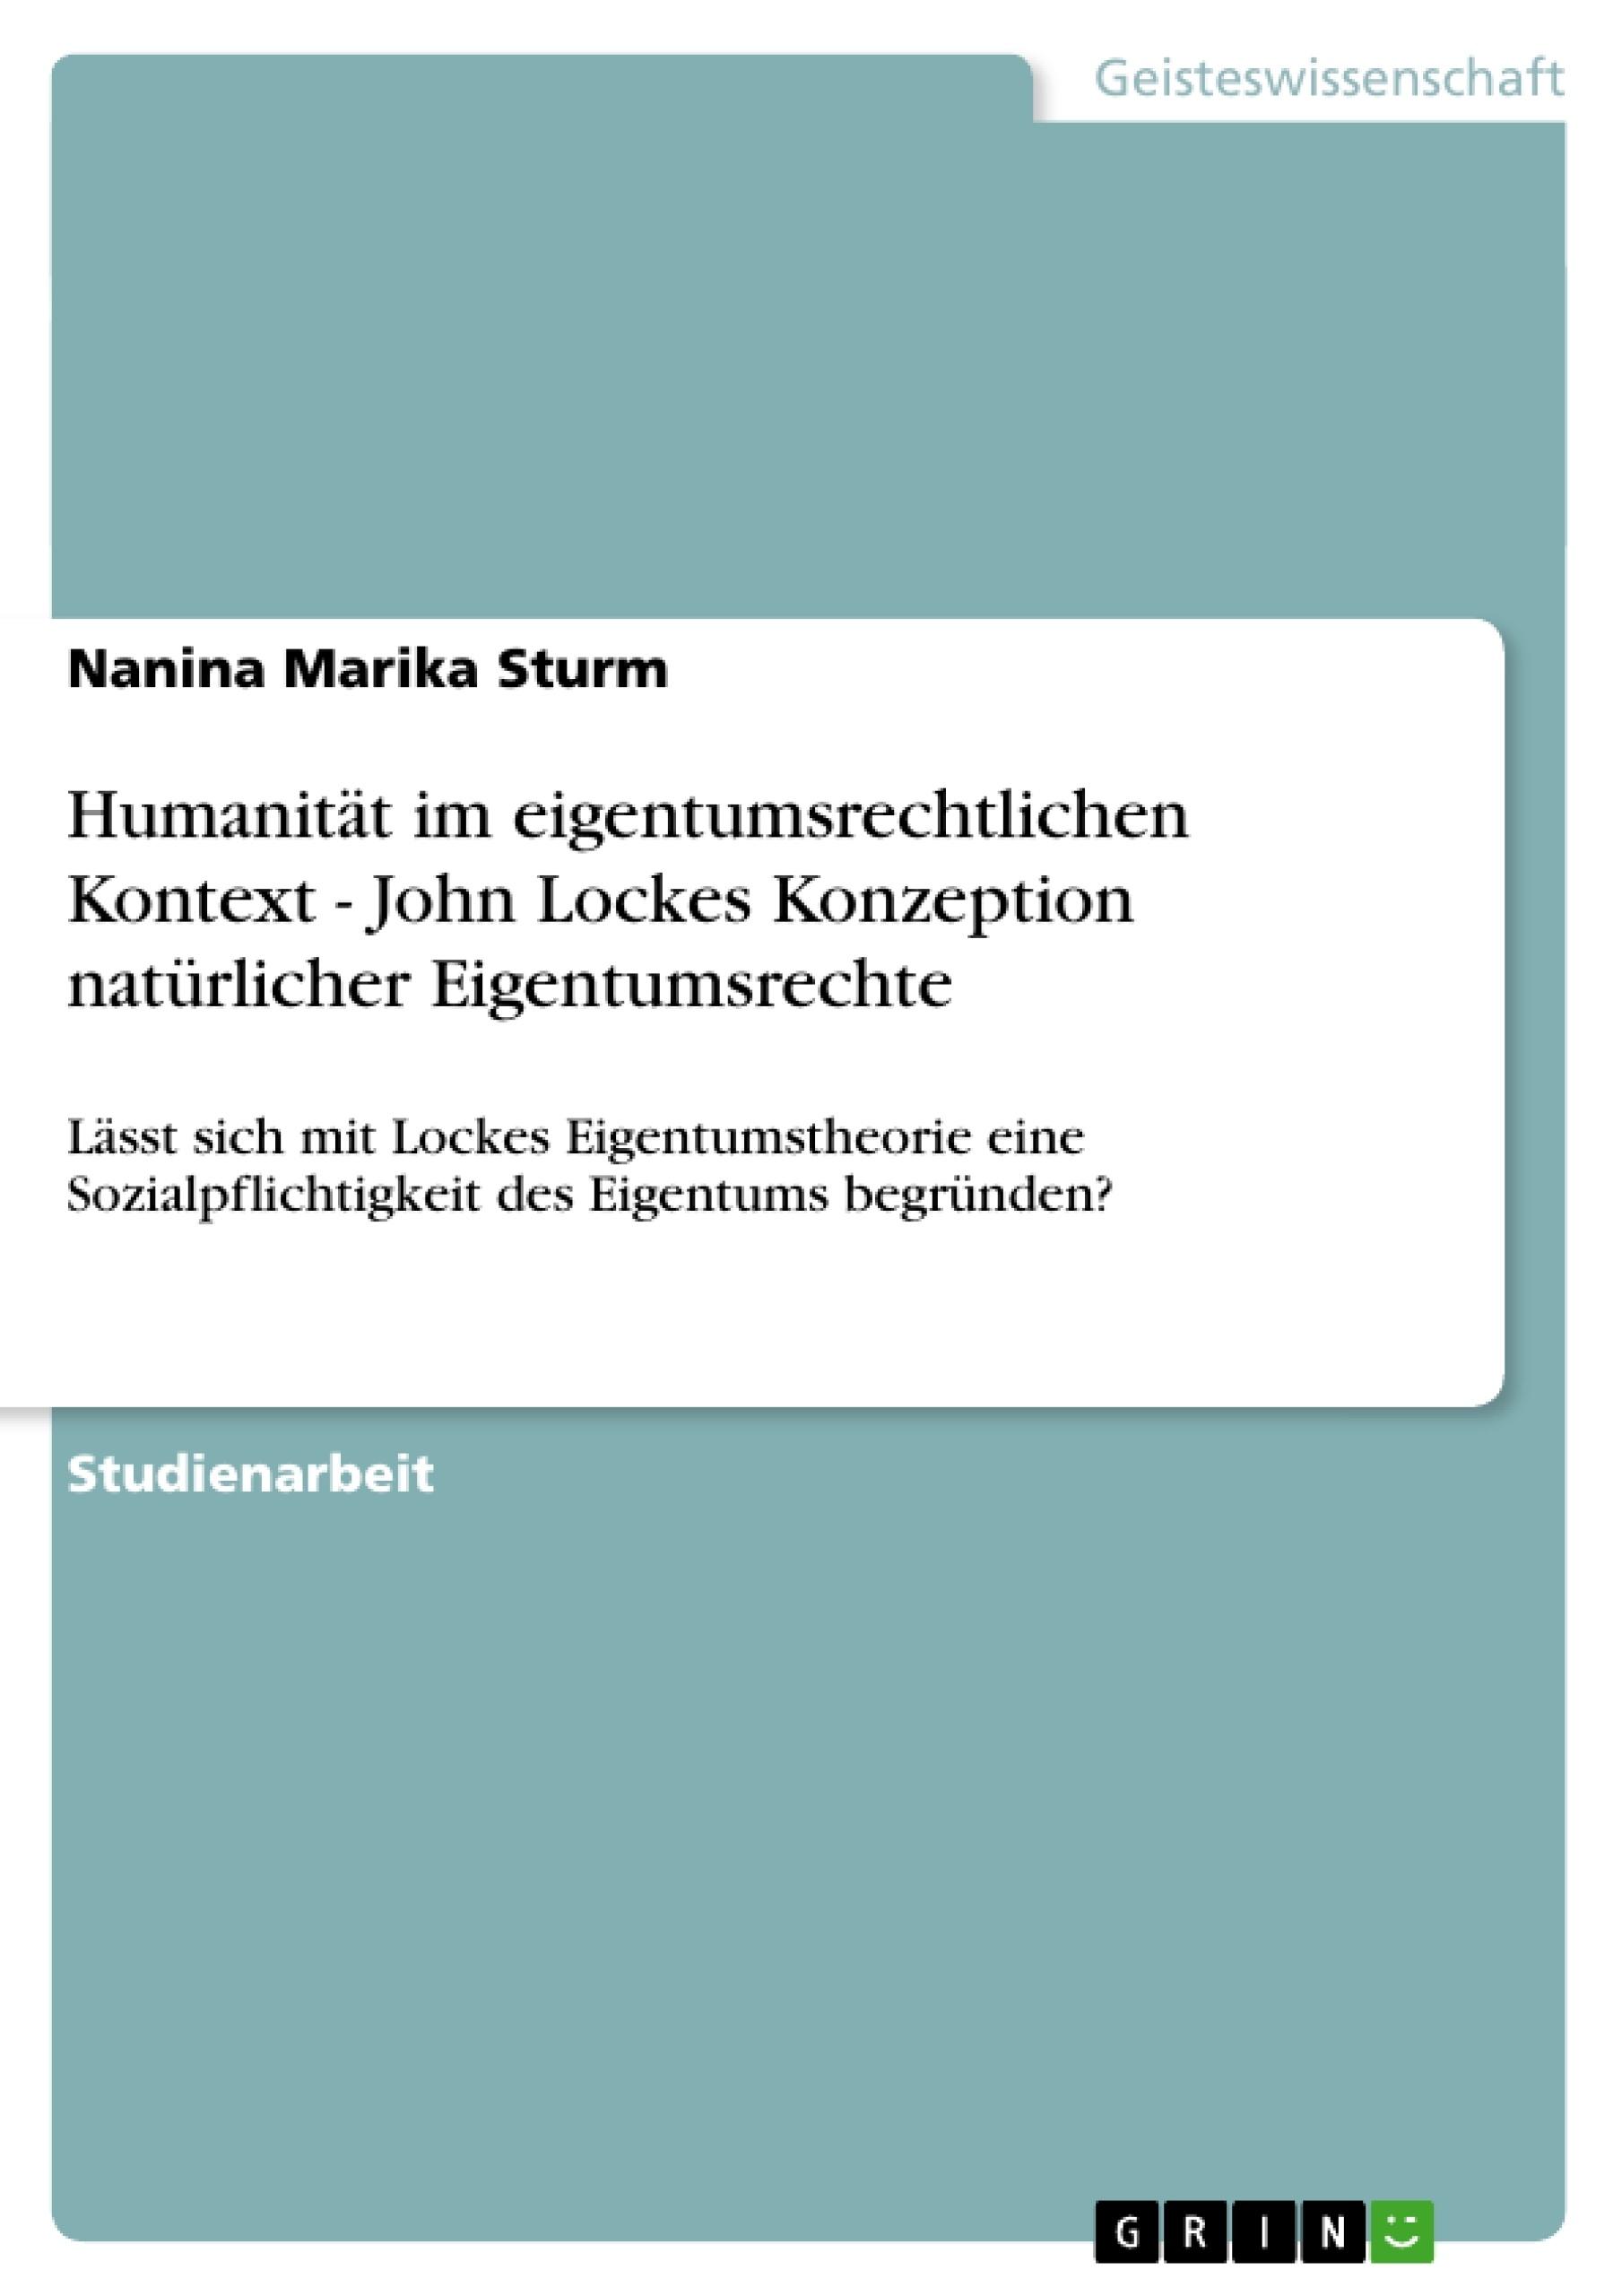 Titel: Humanität im eigentumsrechtlichen Kontext - John Lockes Konzeption natürlicher Eigentumsrechte